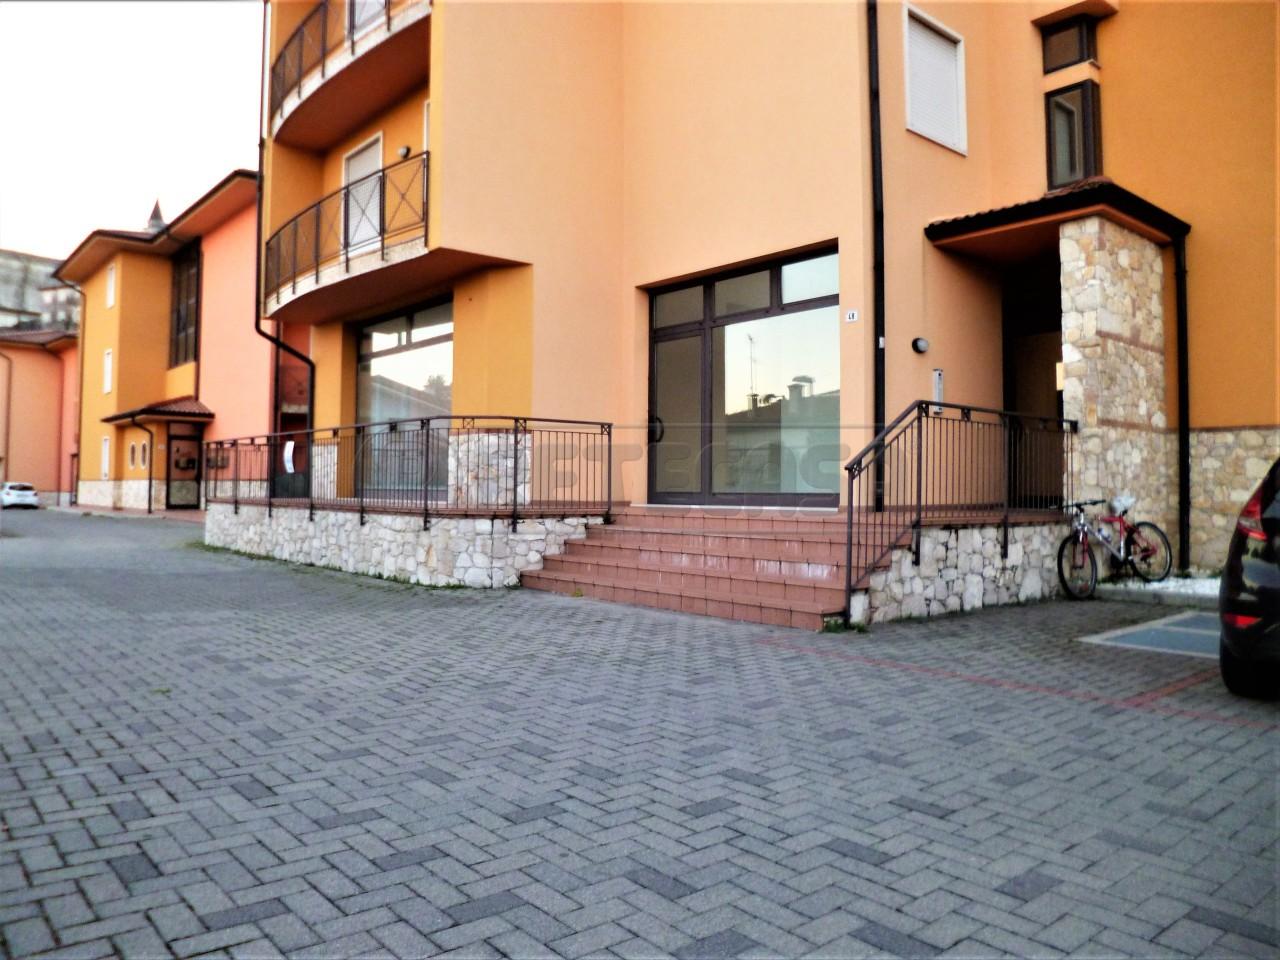 Negozio / Locale in vendita a Zermeghedo, 3 locali, prezzo € 100.000 | CambioCasa.it